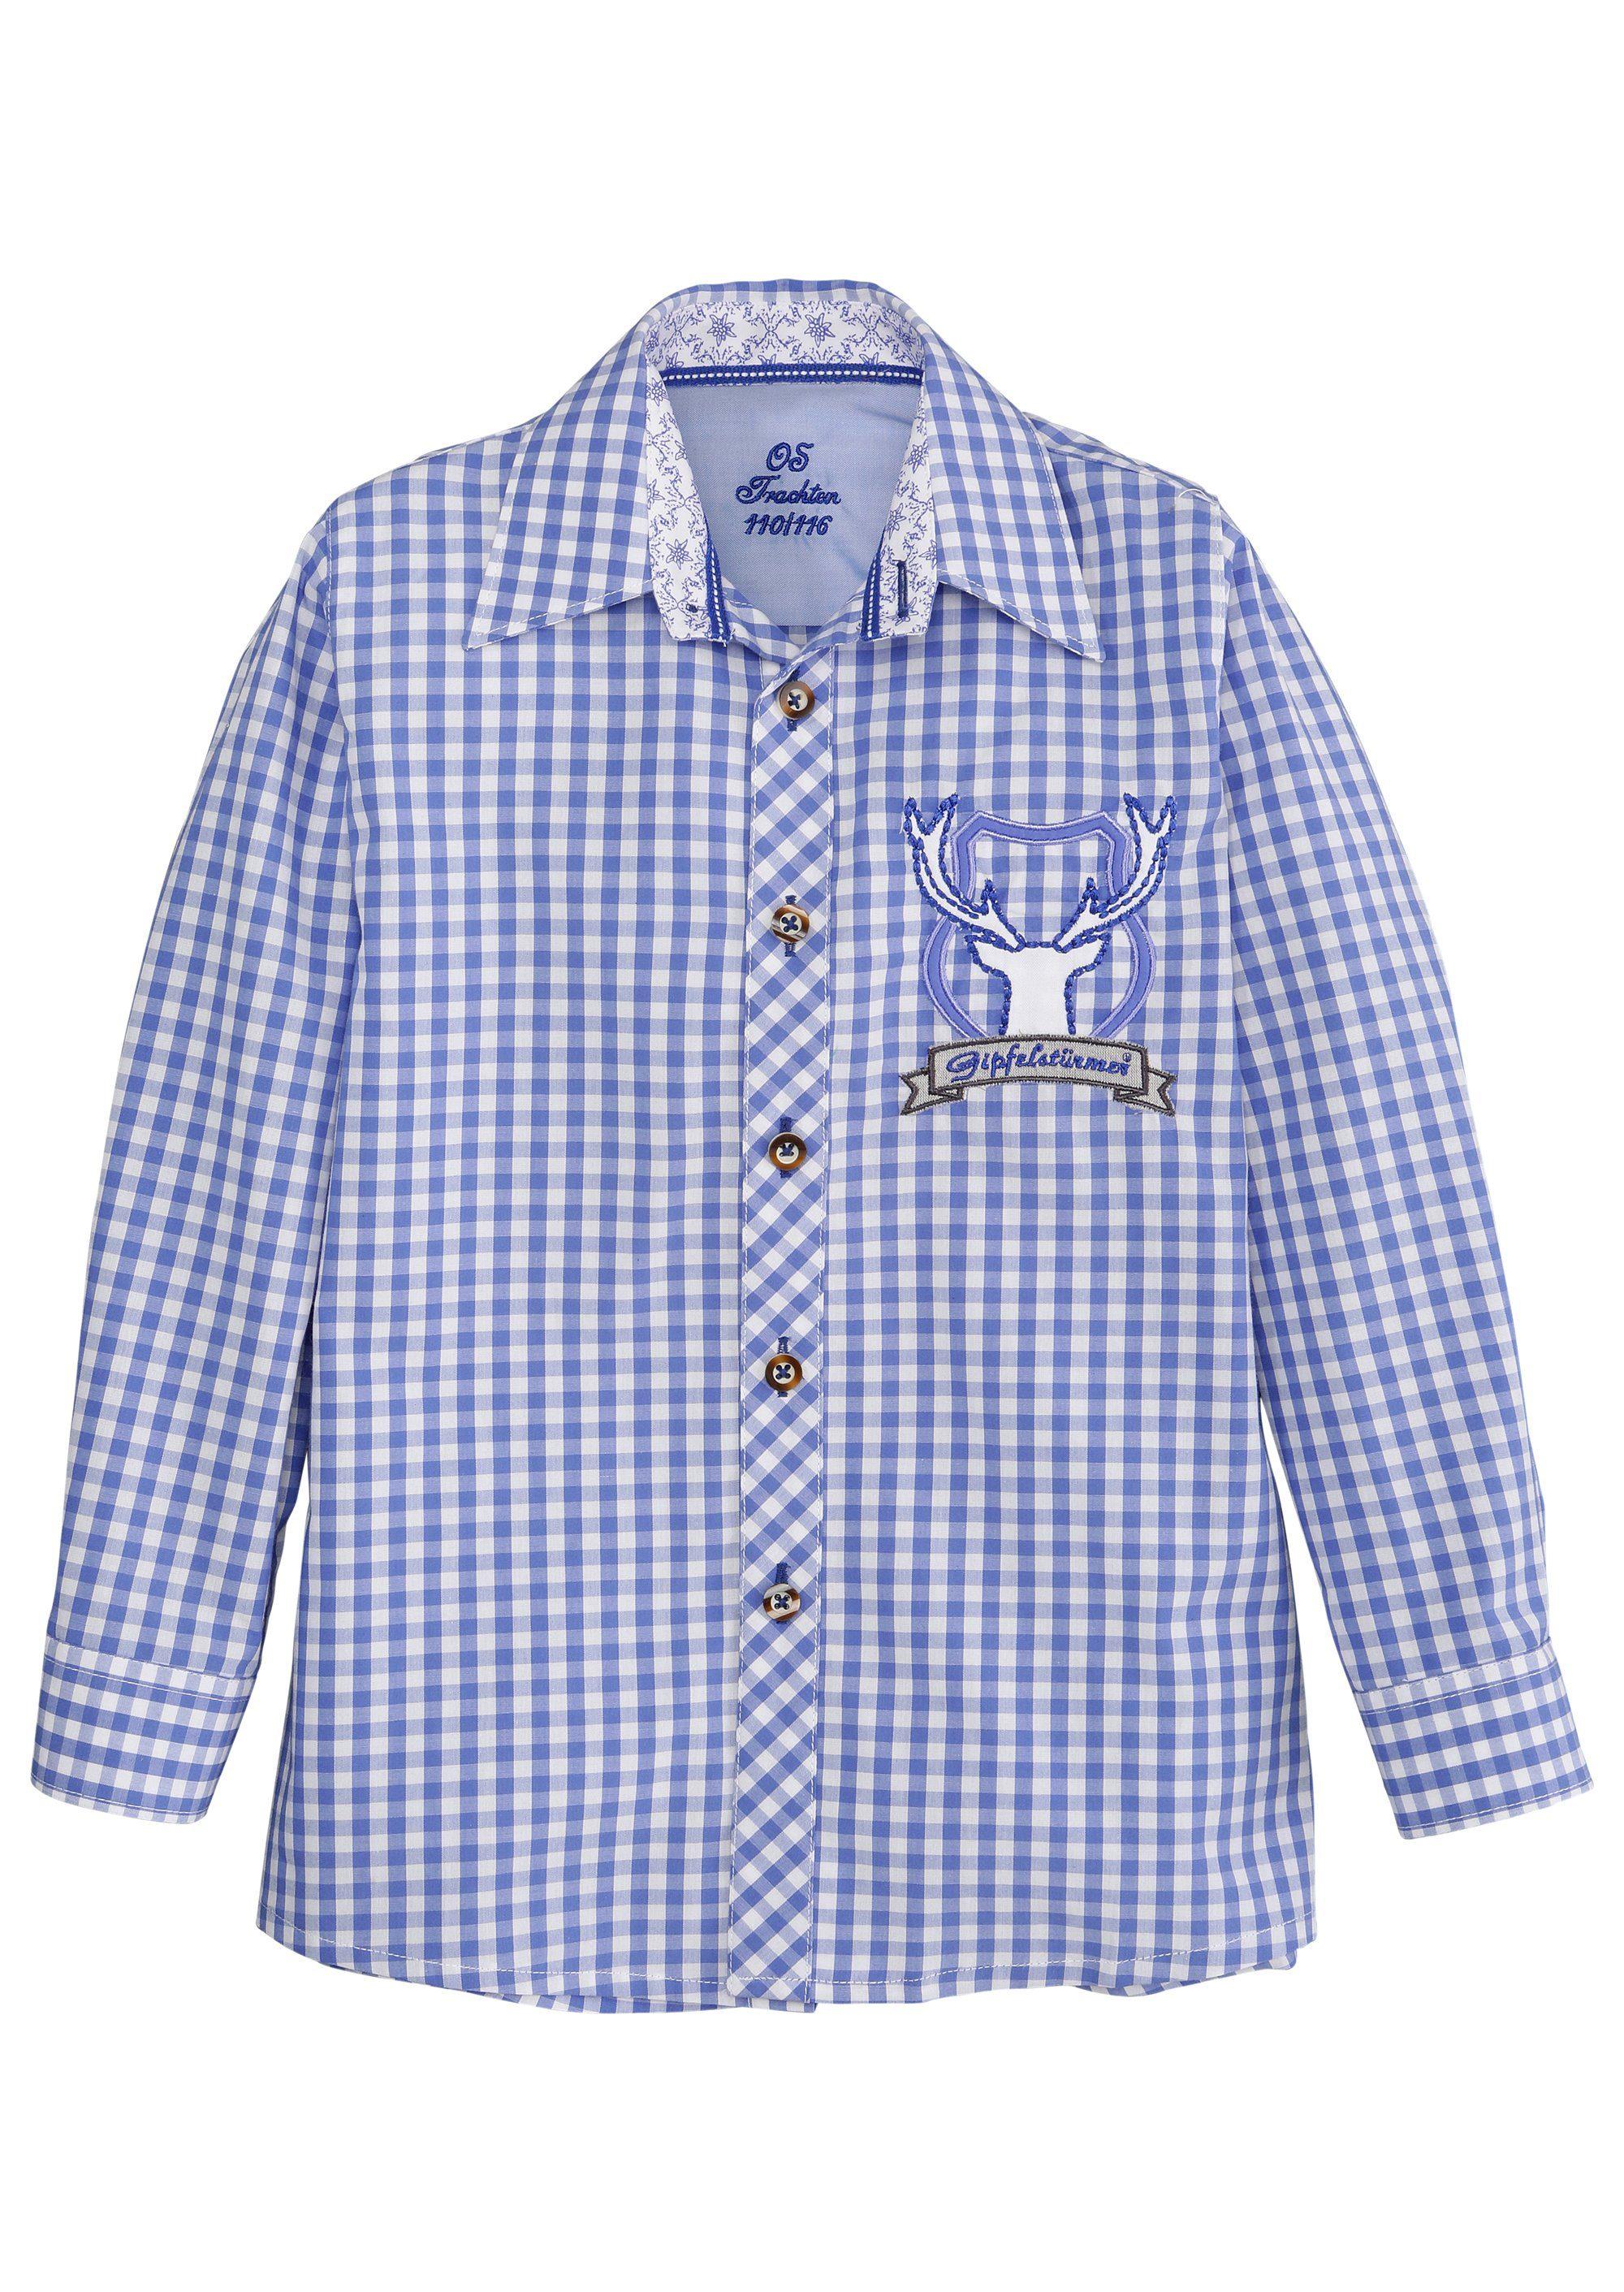 Trachtenhemd mit Hirschstickerei